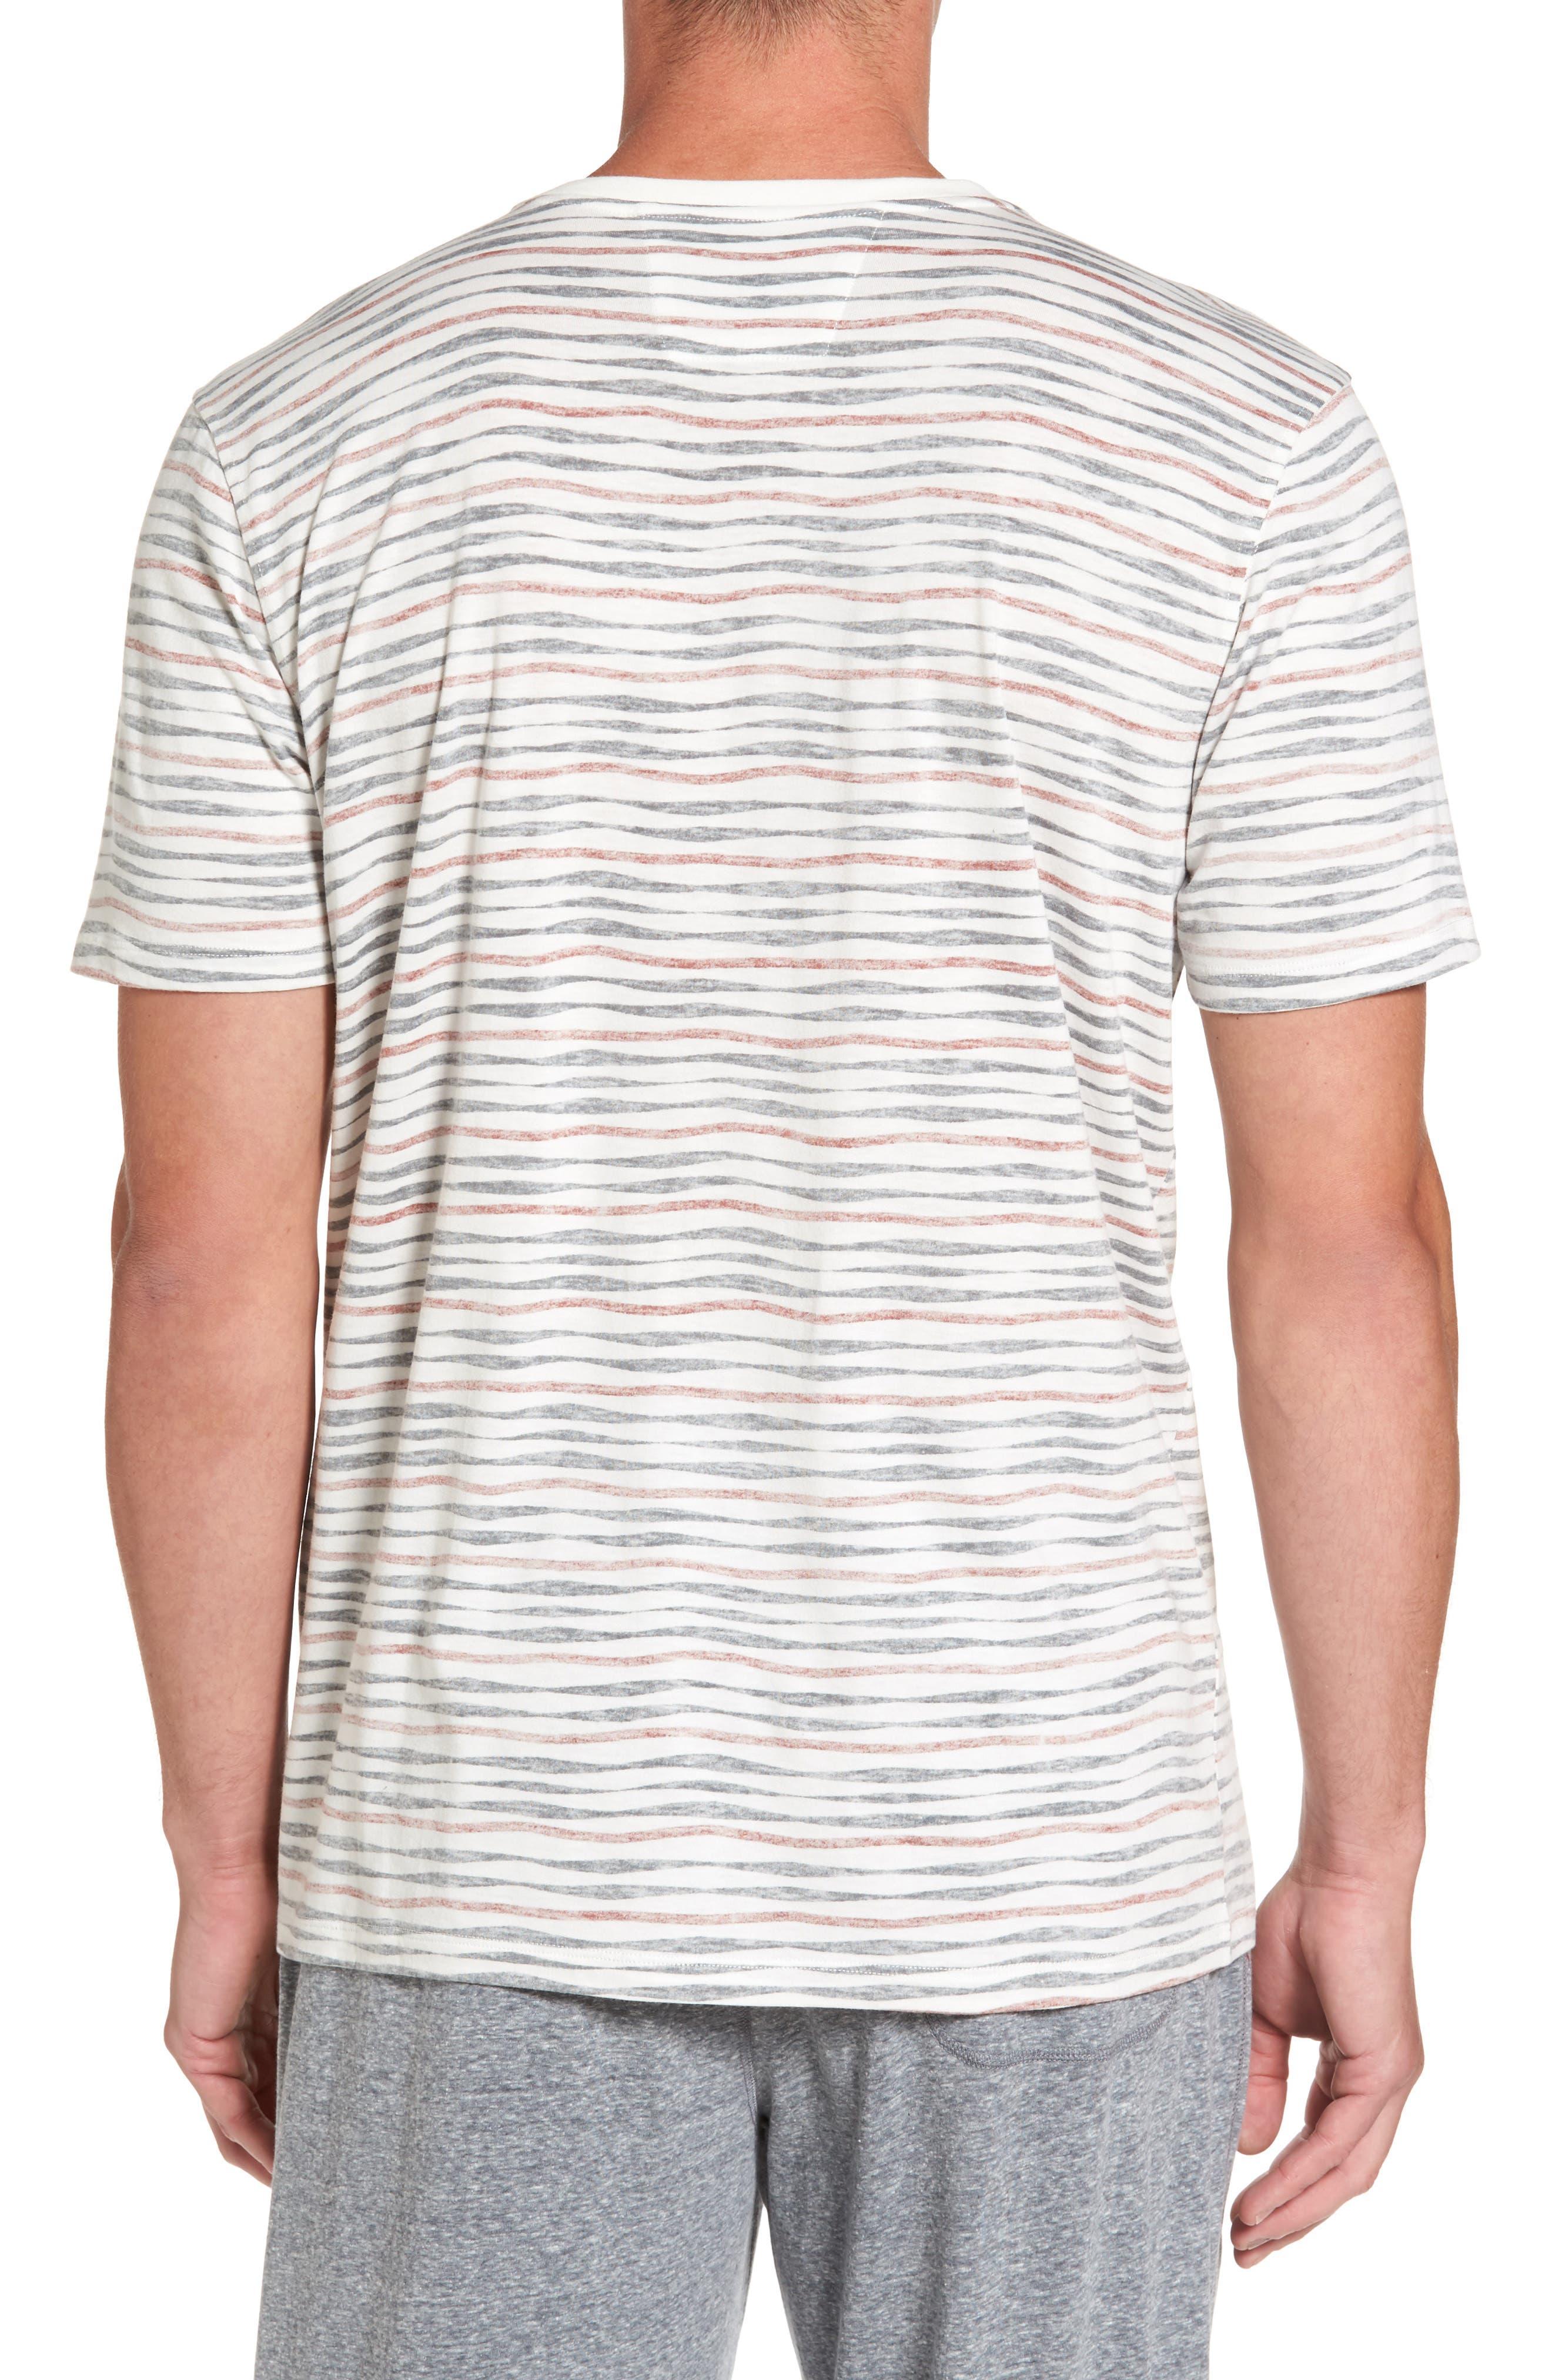 Alternate Image 2  - Daniel Buchler V-Neck T-Shirt